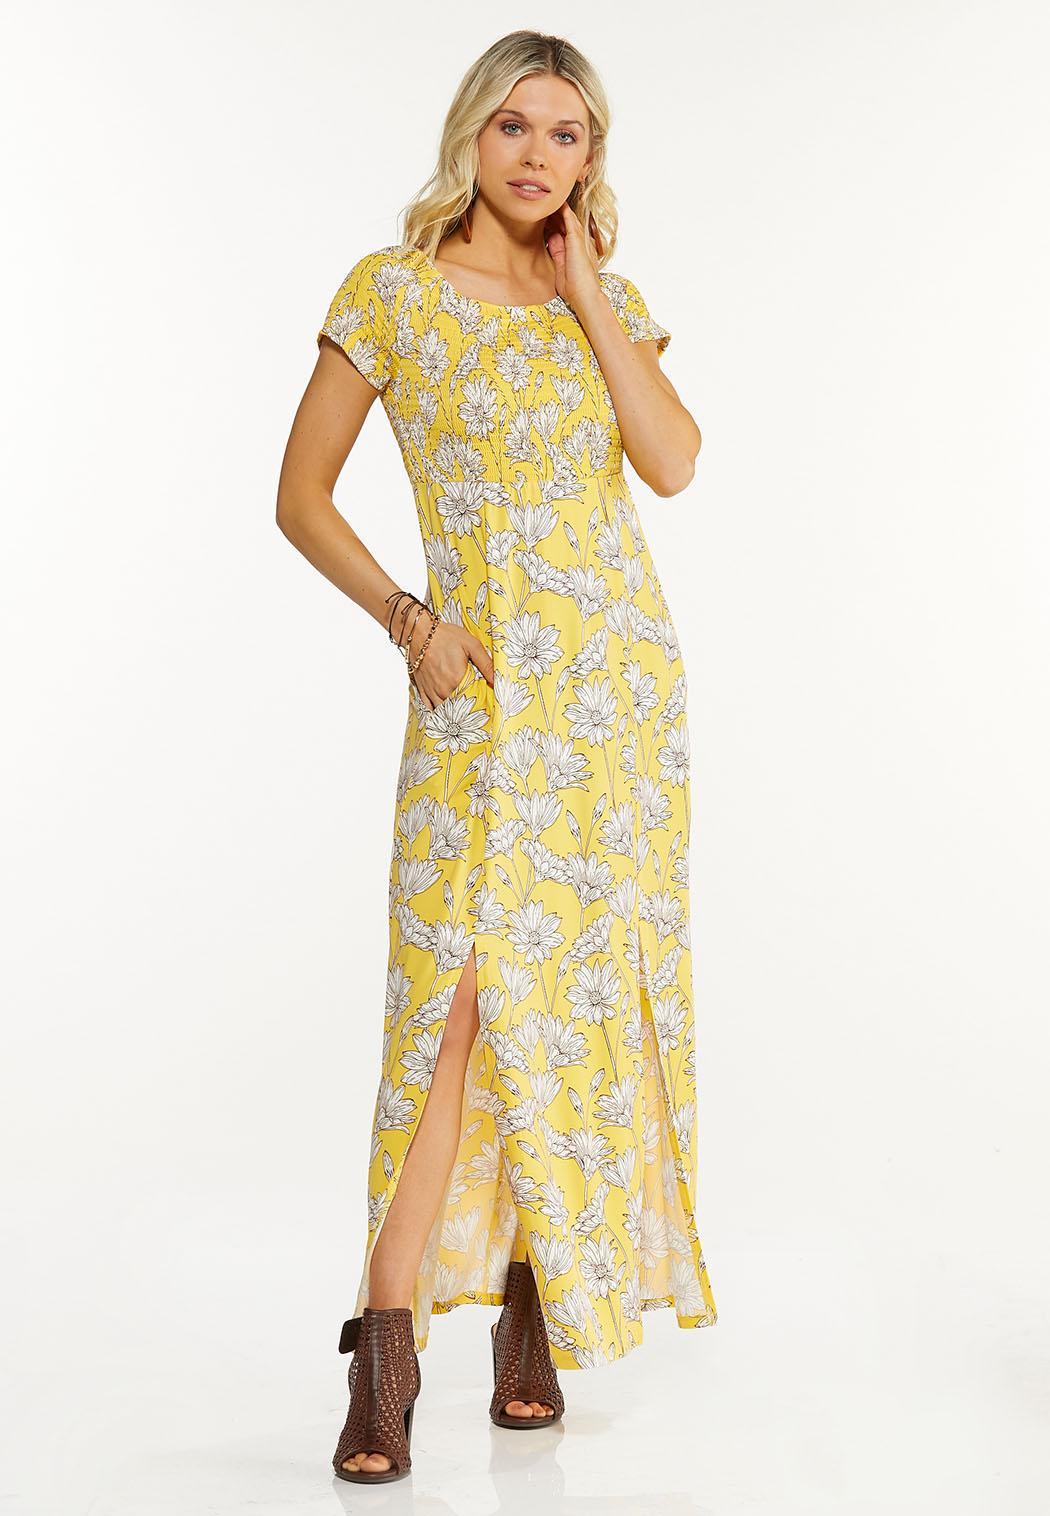 Petite Smocked Daisy Maxi Dress